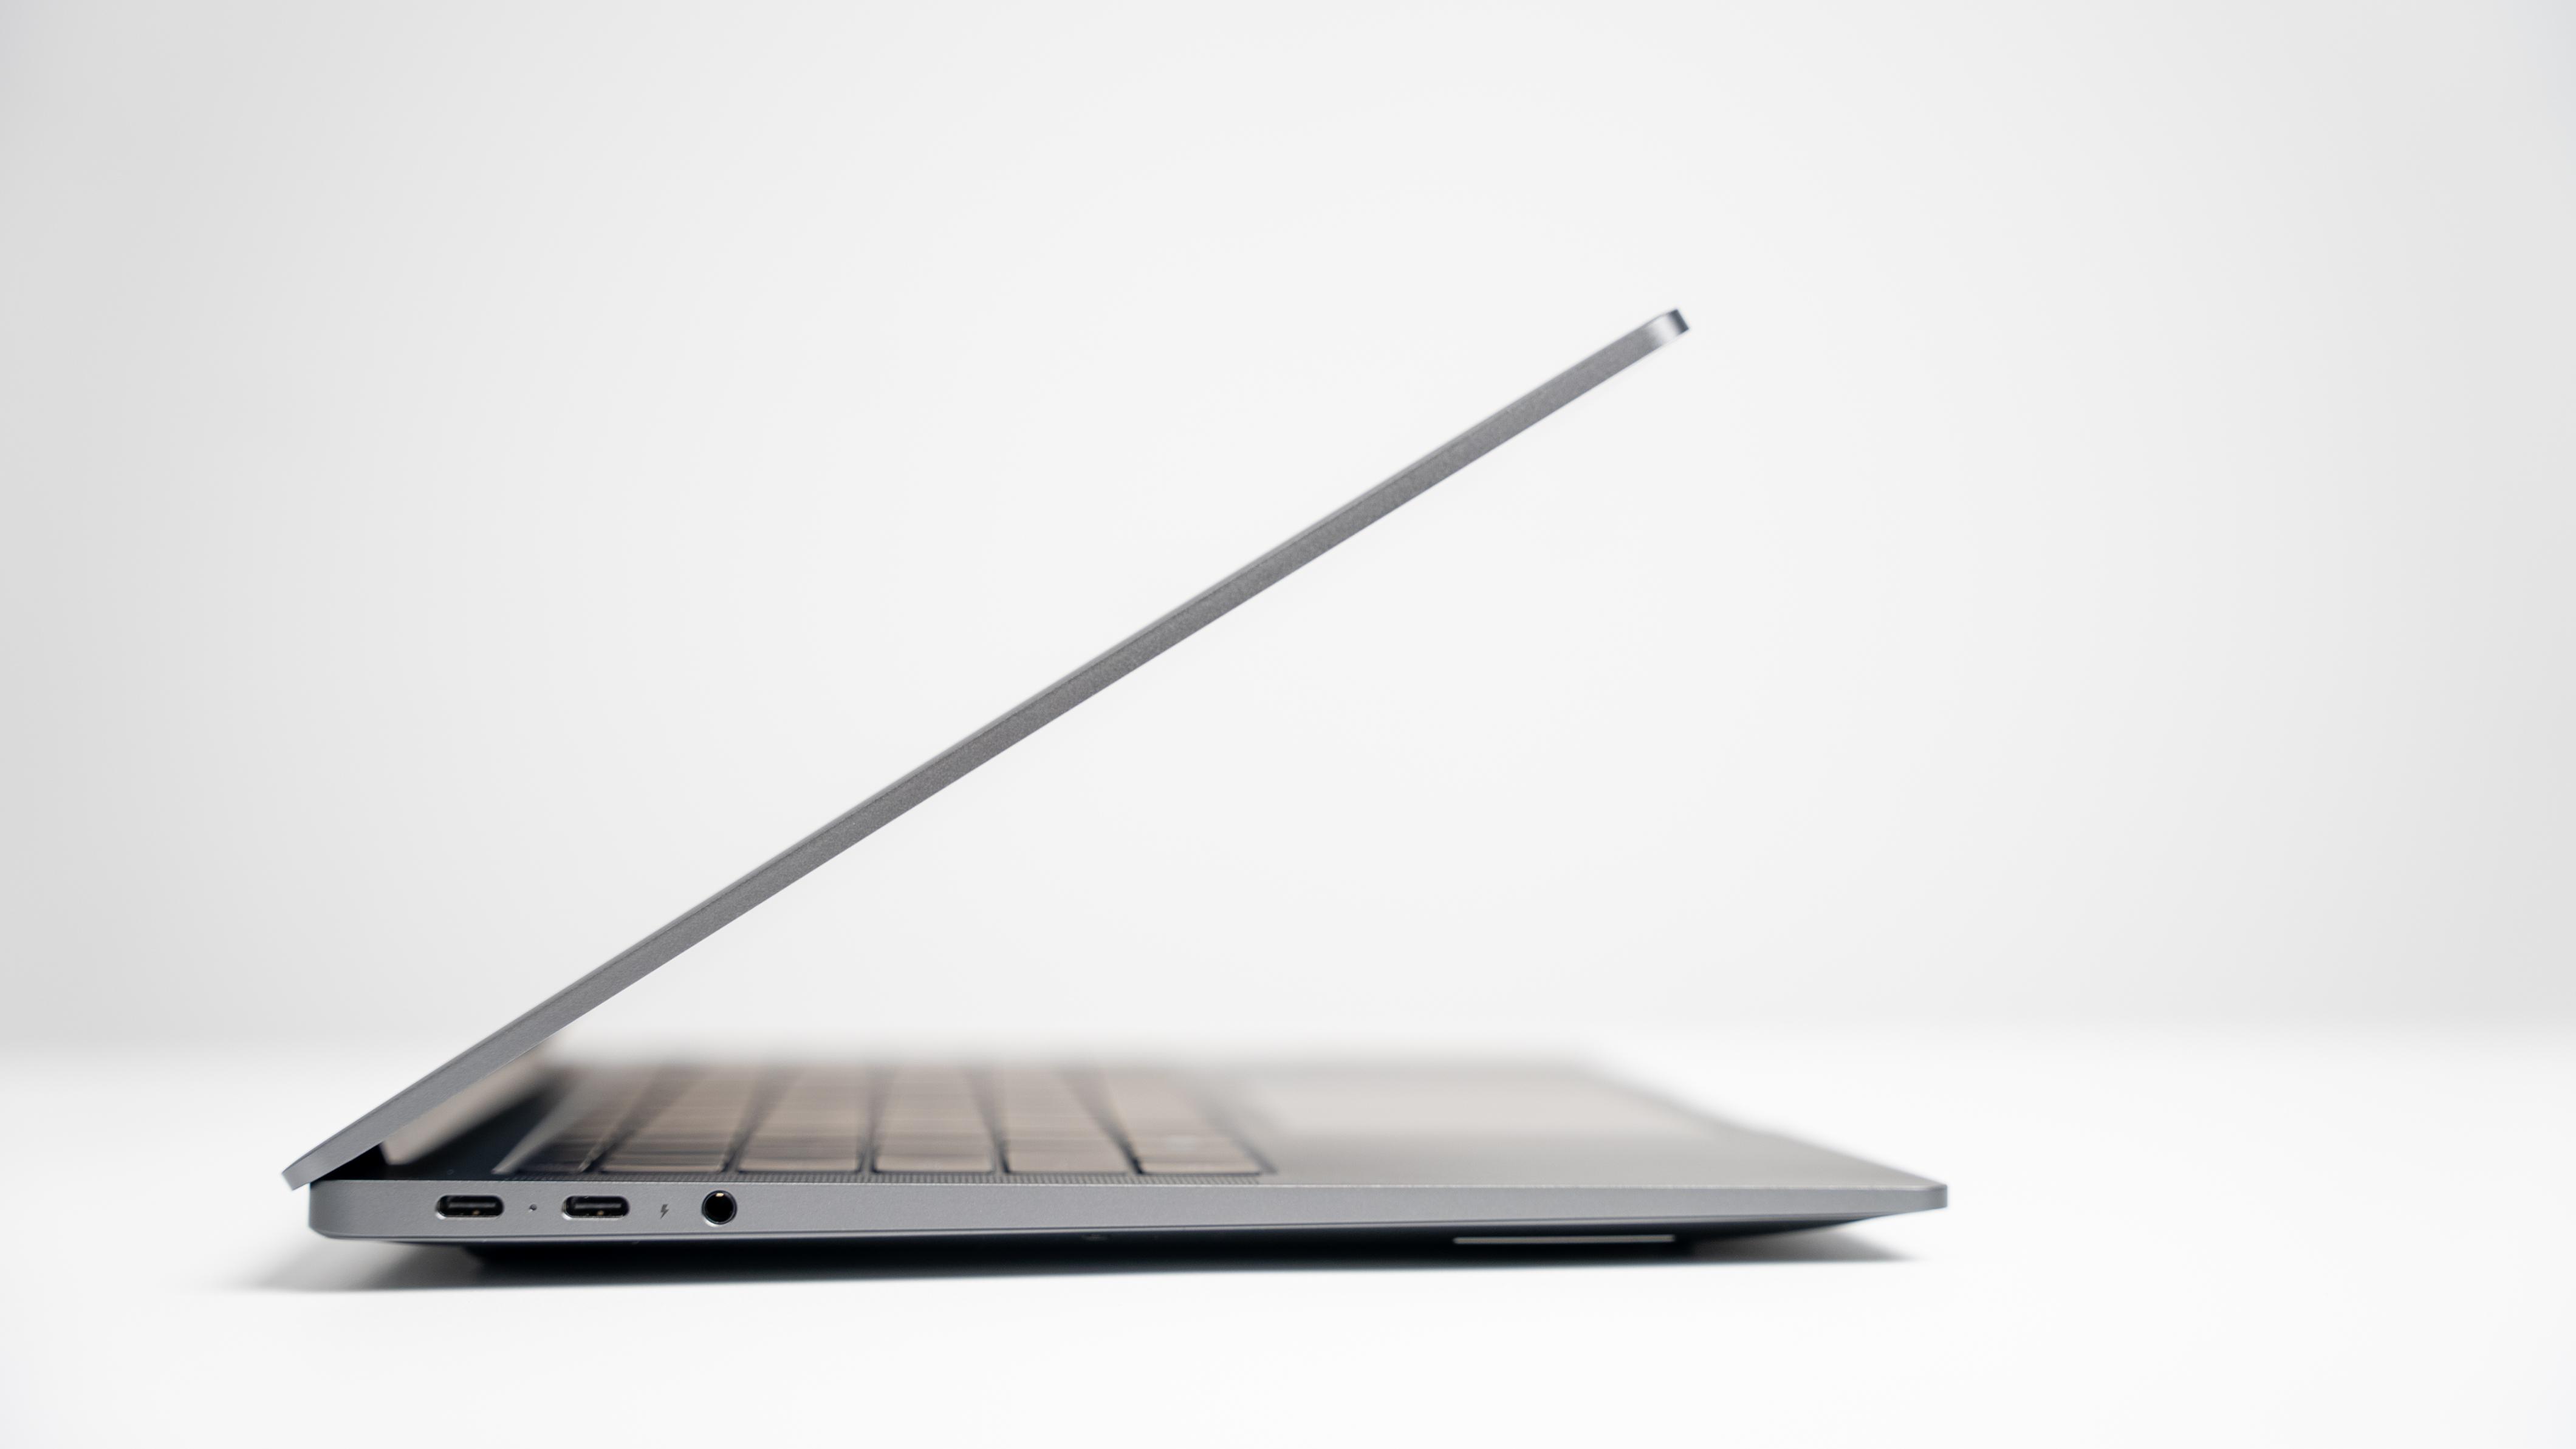 外观上,荣耀MagicBook V 14的主板和屏幕厚度缩减15%以上,使得整机轻至1.48Kg,薄至14.5m,再次突破MagicBook系列笔记本的轻薄极限,为消费者带来更加纤薄、轻巧的体验。